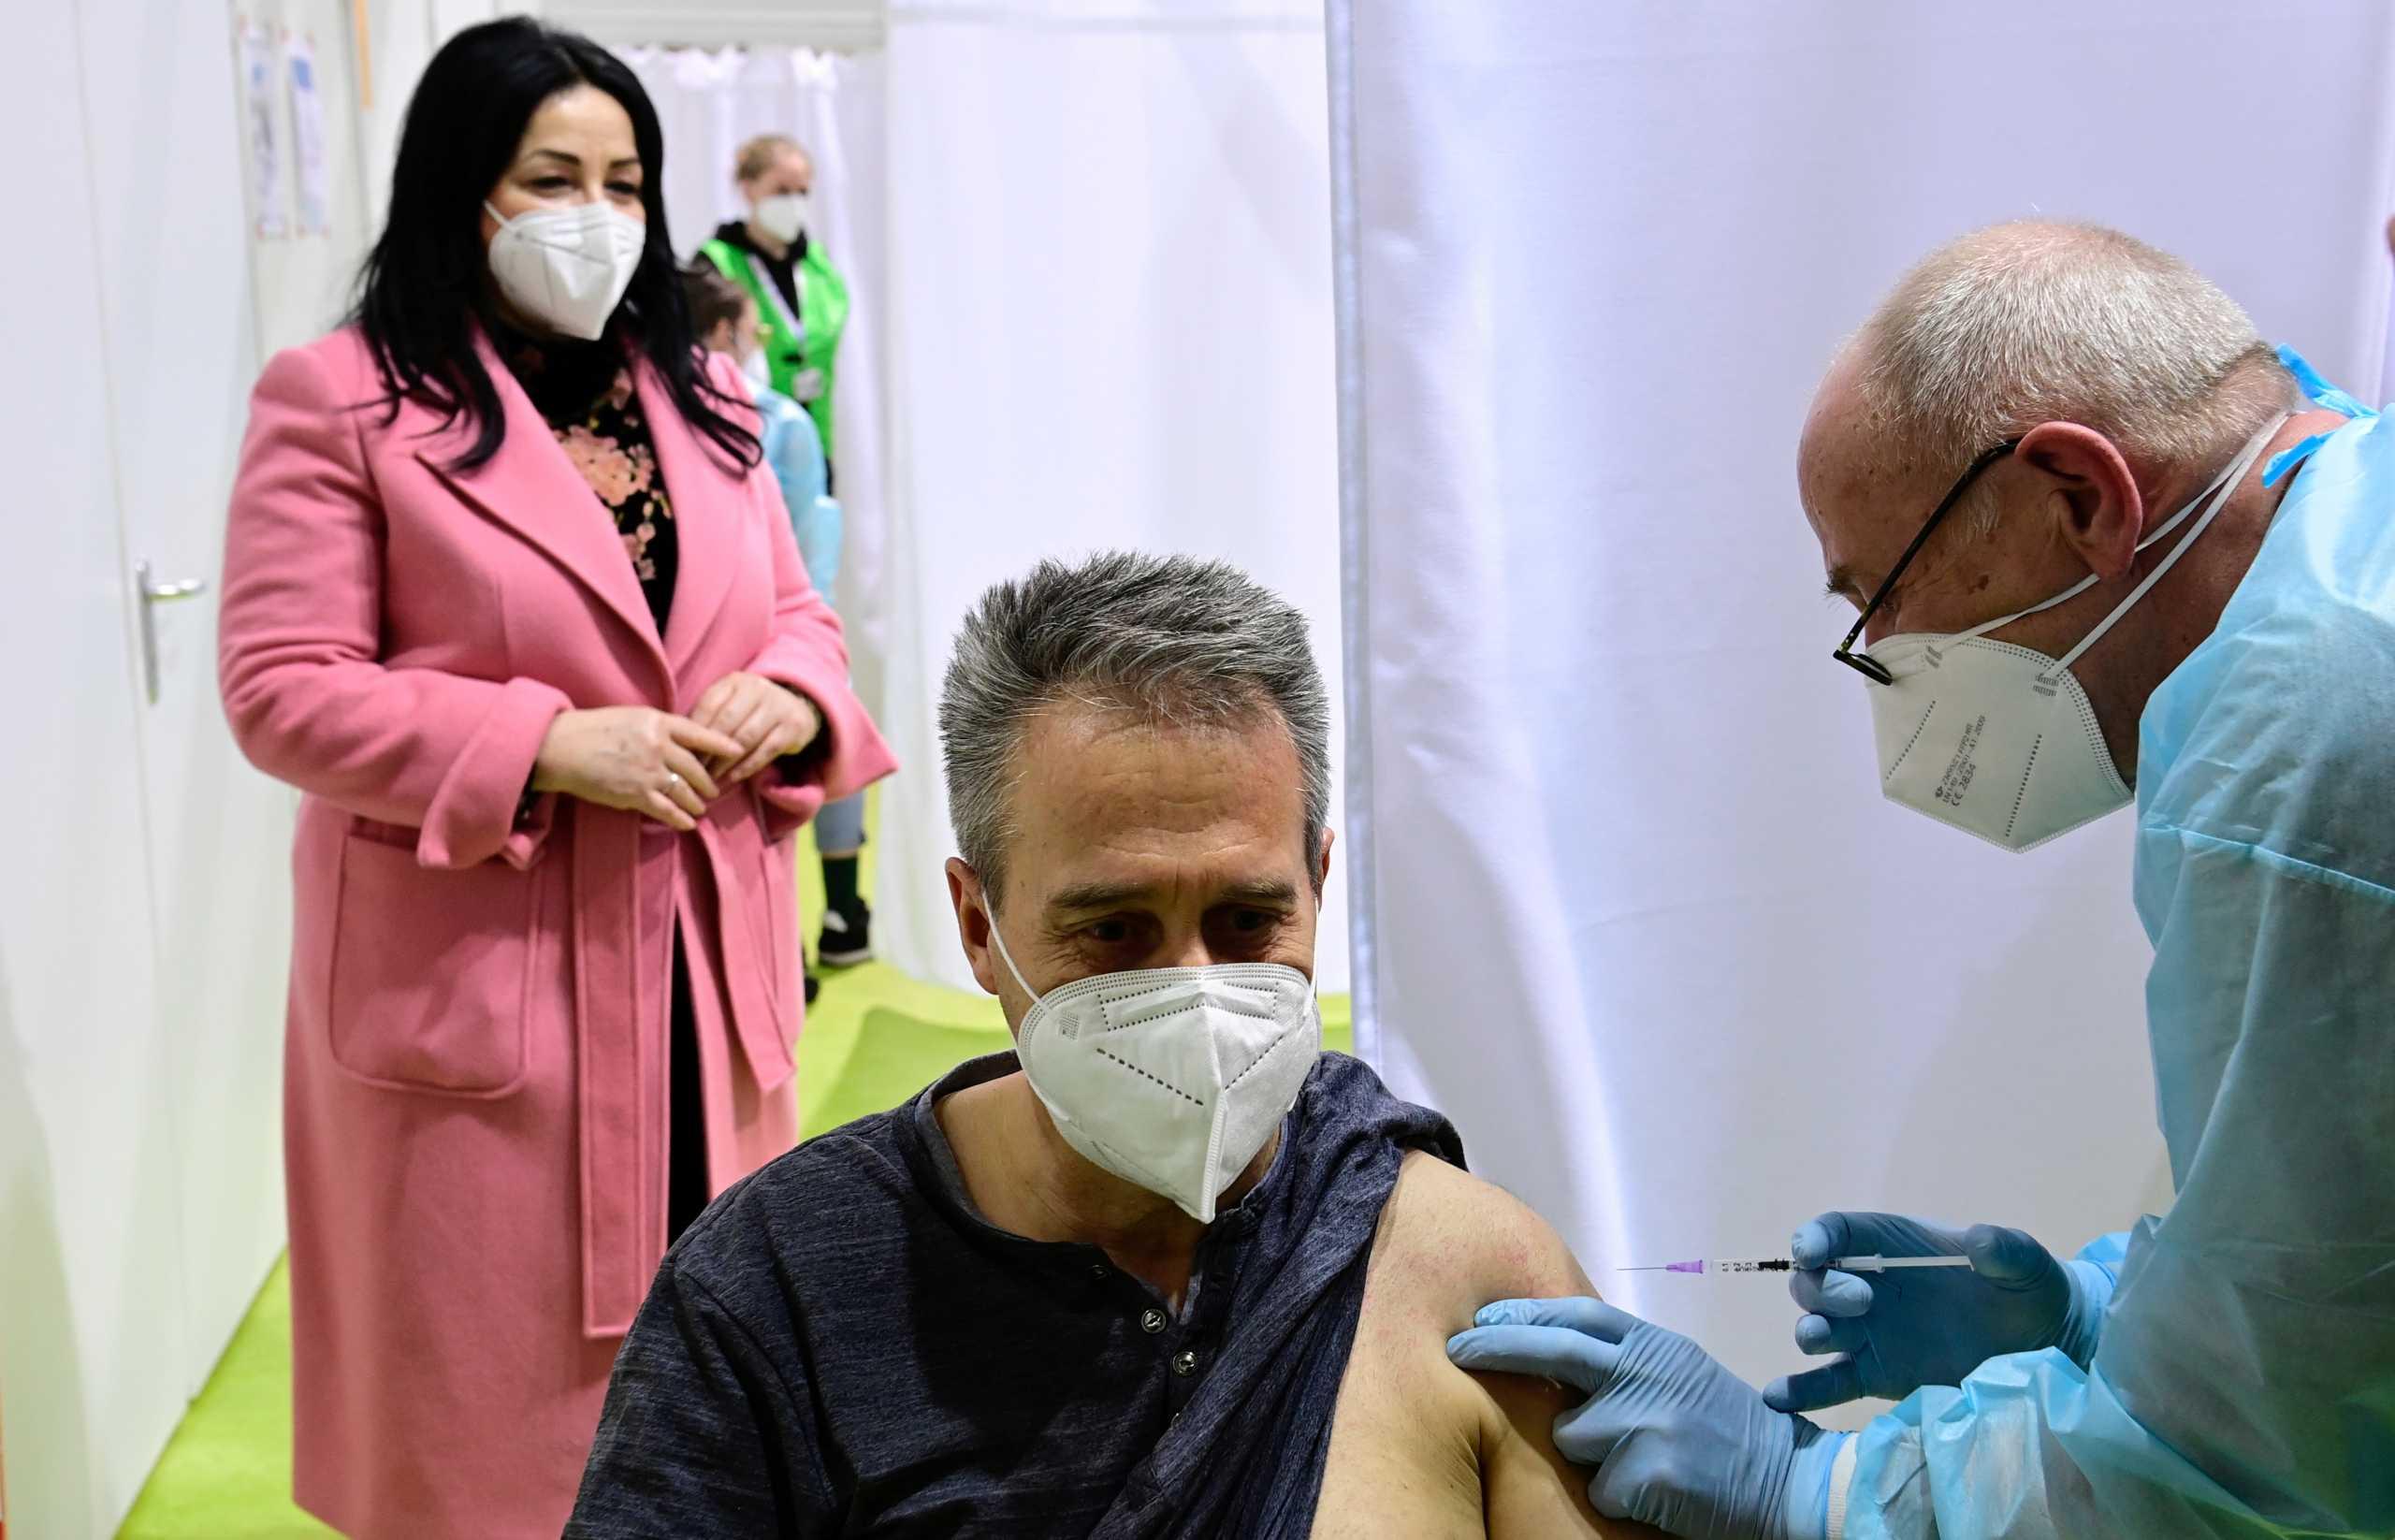 Γερμανία – Κορονοϊός: «Πιέσεις» για ταχύτερη ένταξη των οικογενειακών ιατρών στην εμβολιαστική εκστρατεία